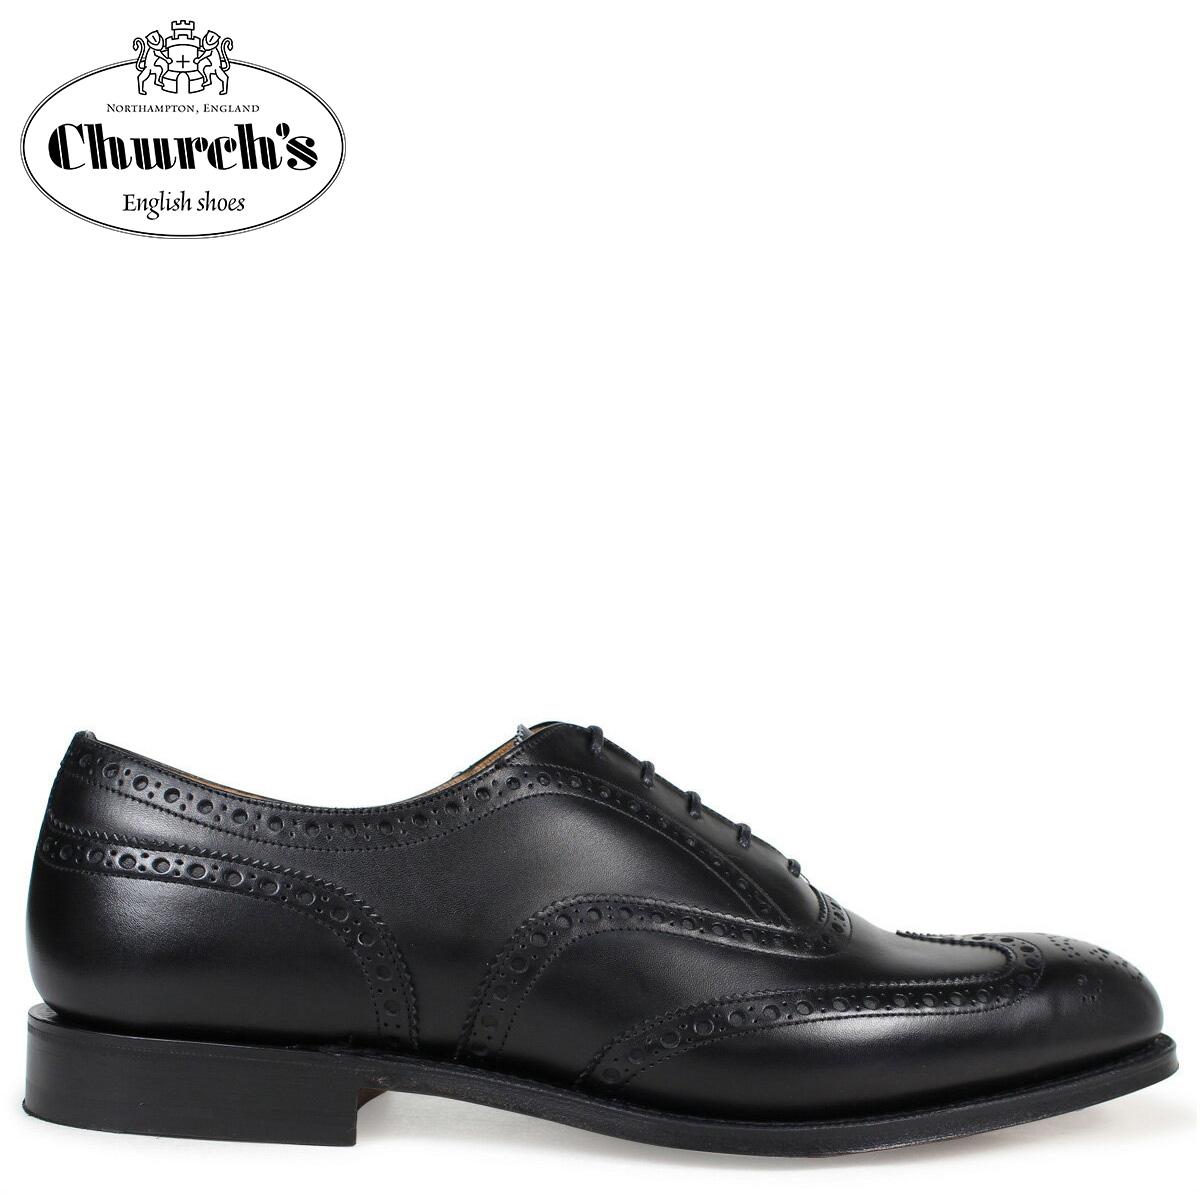 Church's 靴 チャーチ チェットウインド ウイングチップ シューズ メンズ CHETWYND レザー ブラック 黒 EEB007